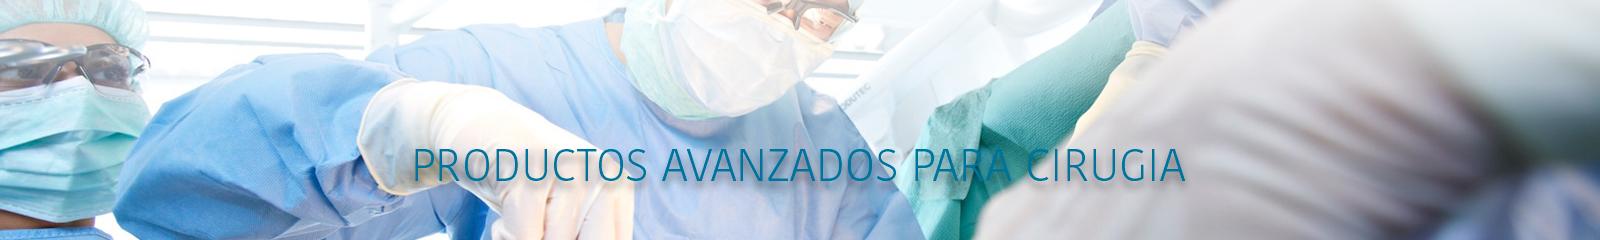 Alternativa Medica Integral - Productos avanzados para cirugia